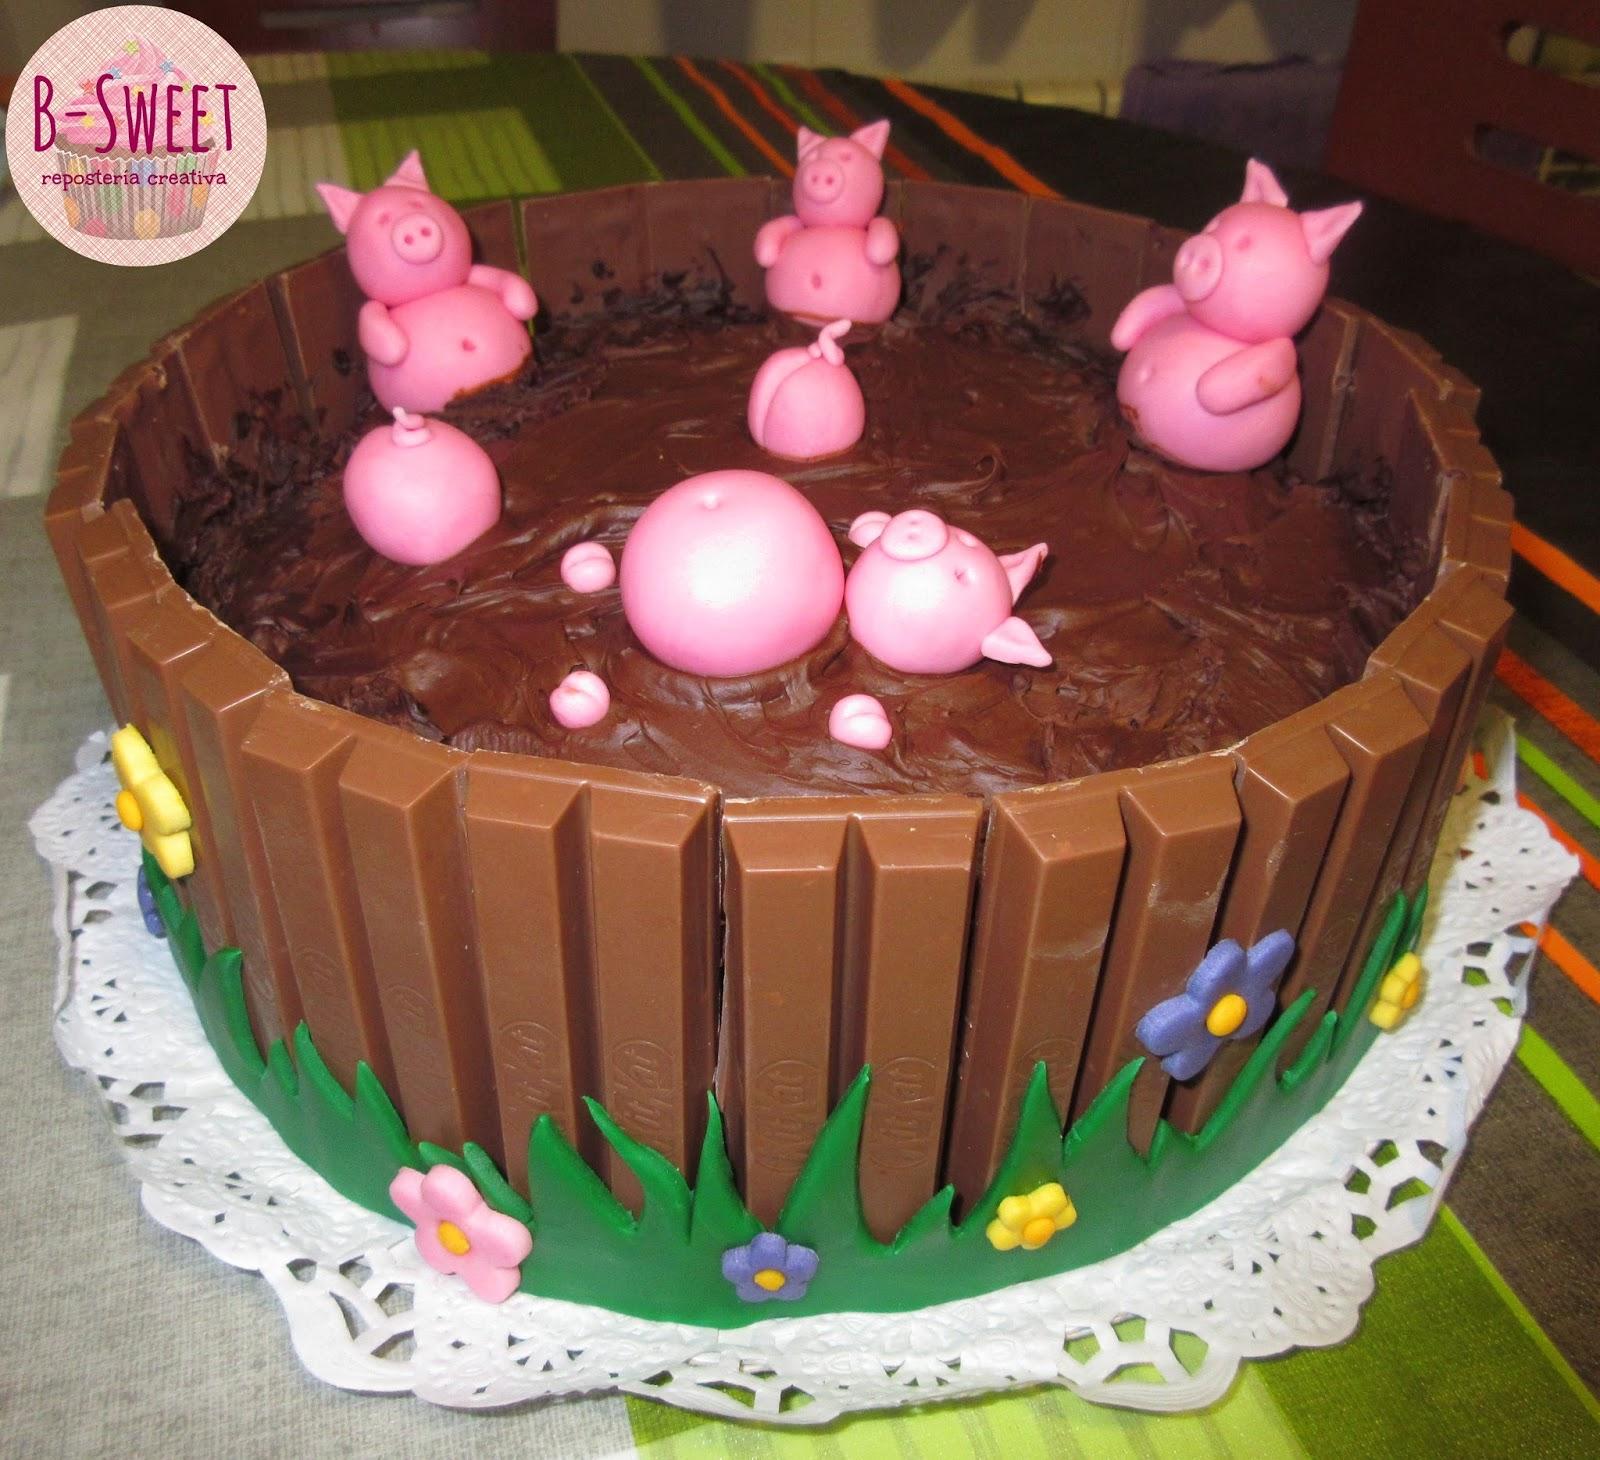 B Sweet Repostería Creativa Tarta De Cerditos En El Barro Con Kitkat